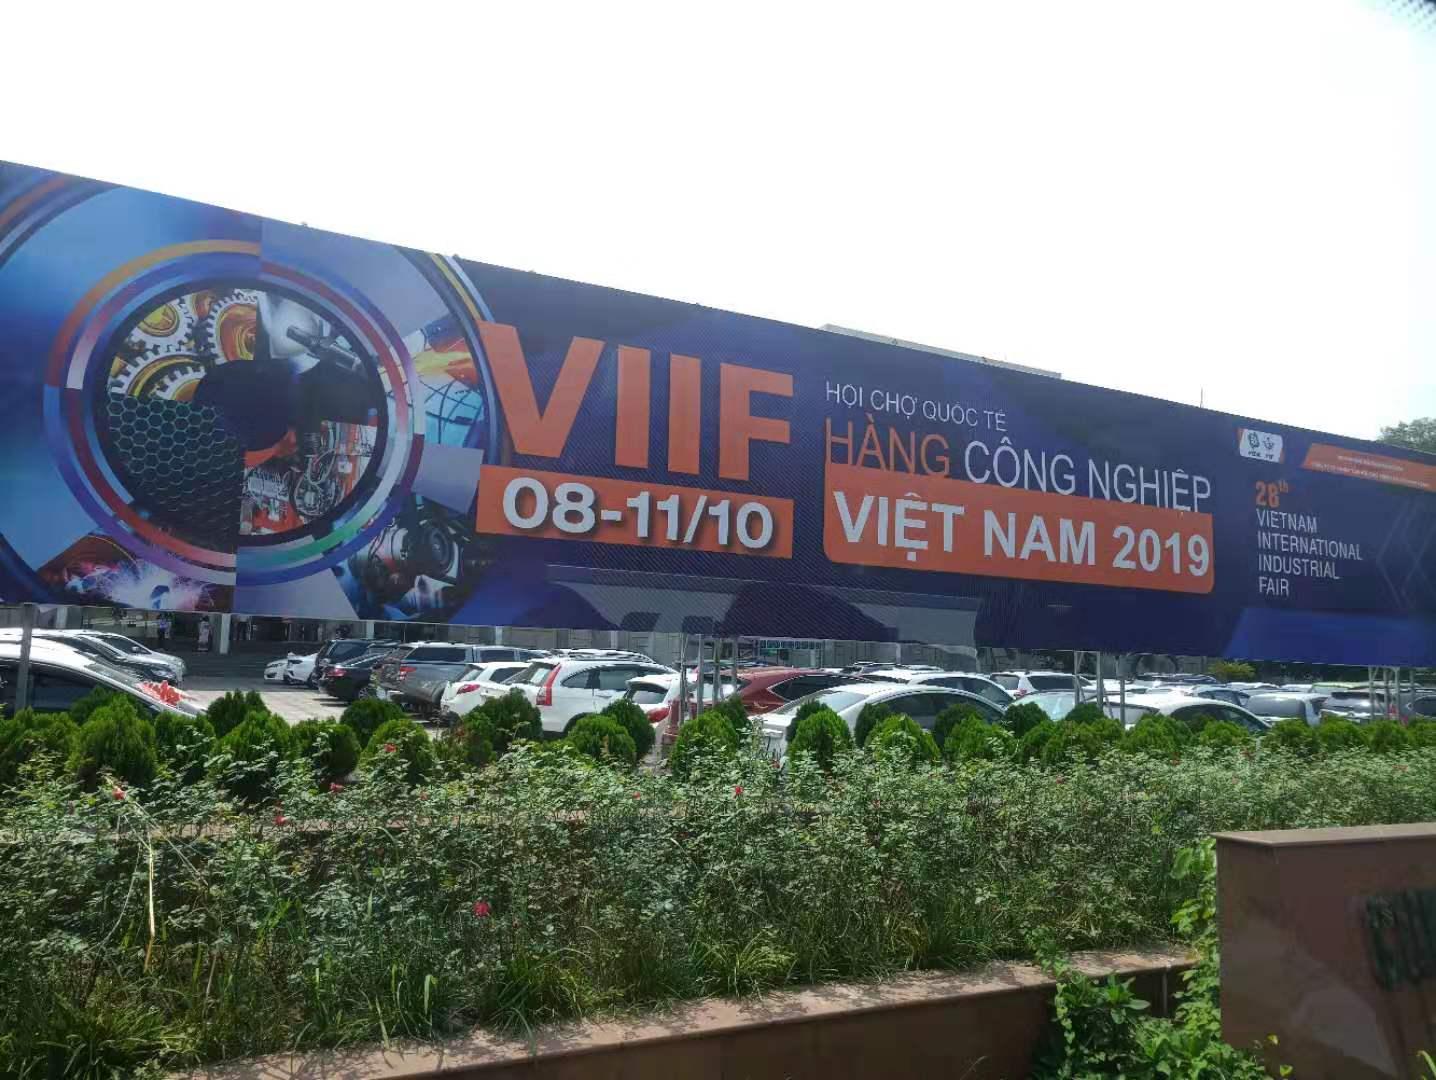 安徽宇锋即将参展第27届越南国际工业博览会